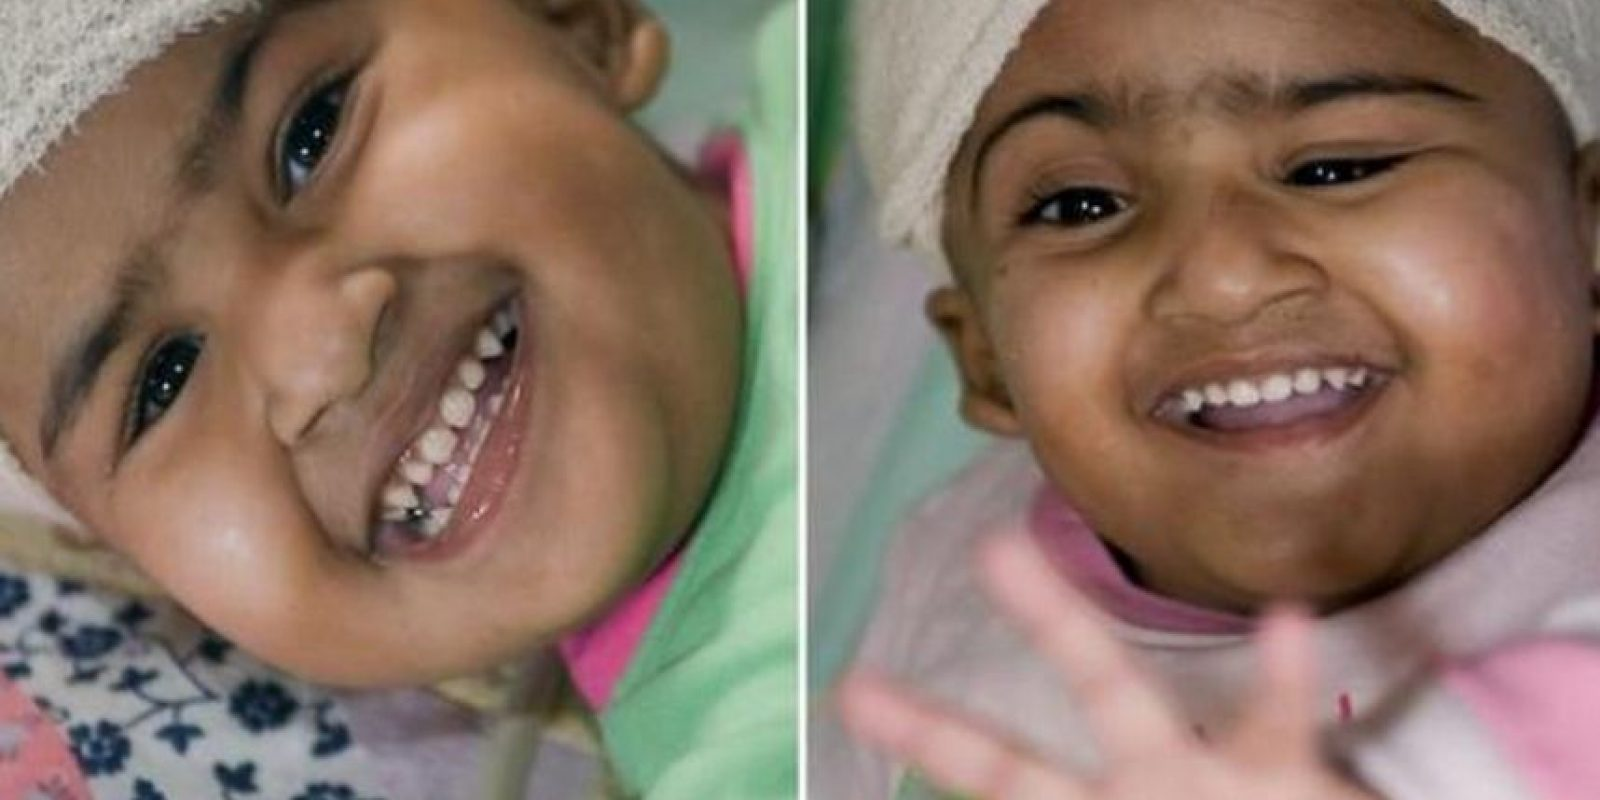 Trishna y Krishna nacieron en Bangladesh y son siamesas. Fueron separadas a los dos años de edad sin ningún tipo de daño cerebral Foto:Getty Images